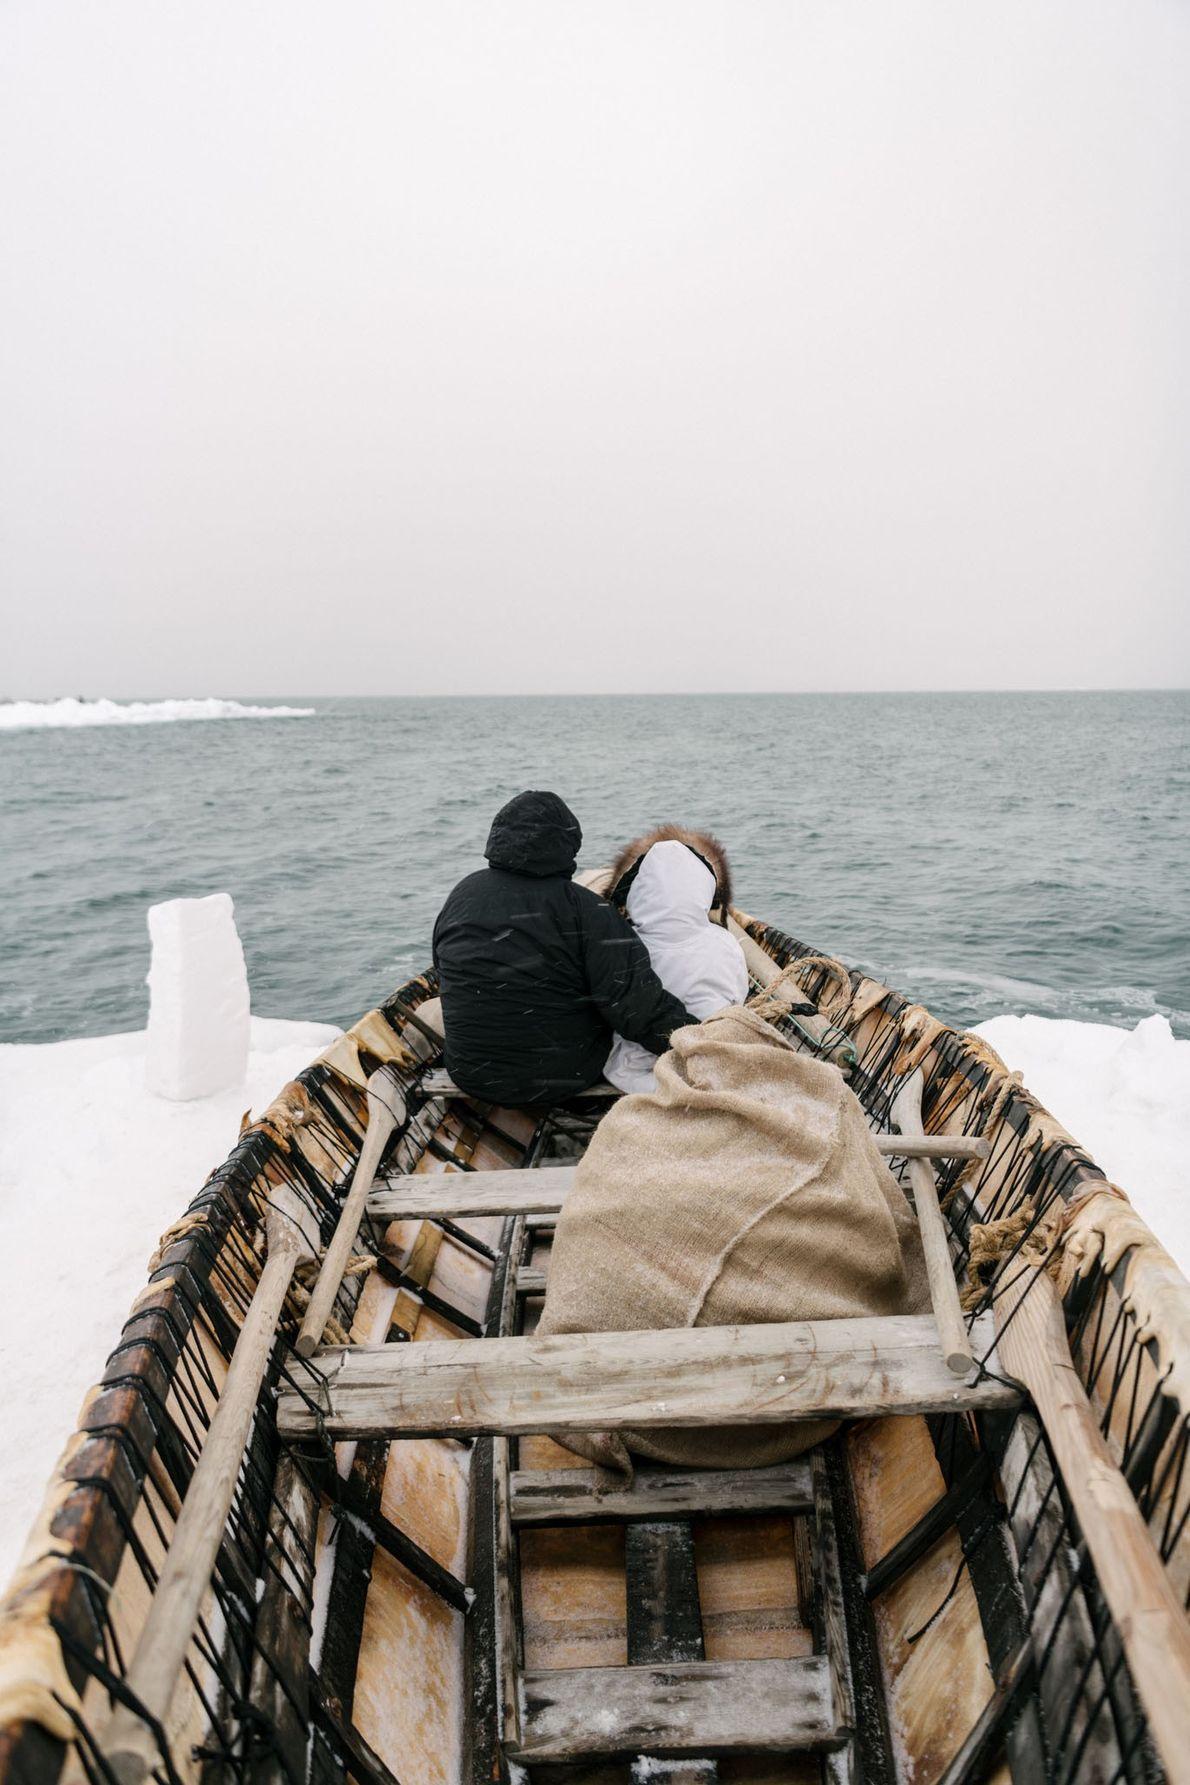 O capitão baleeiro Inugurak Reich e sua filha, Siana, buscam baleias no horizonte. Crianças Inupiat são ...